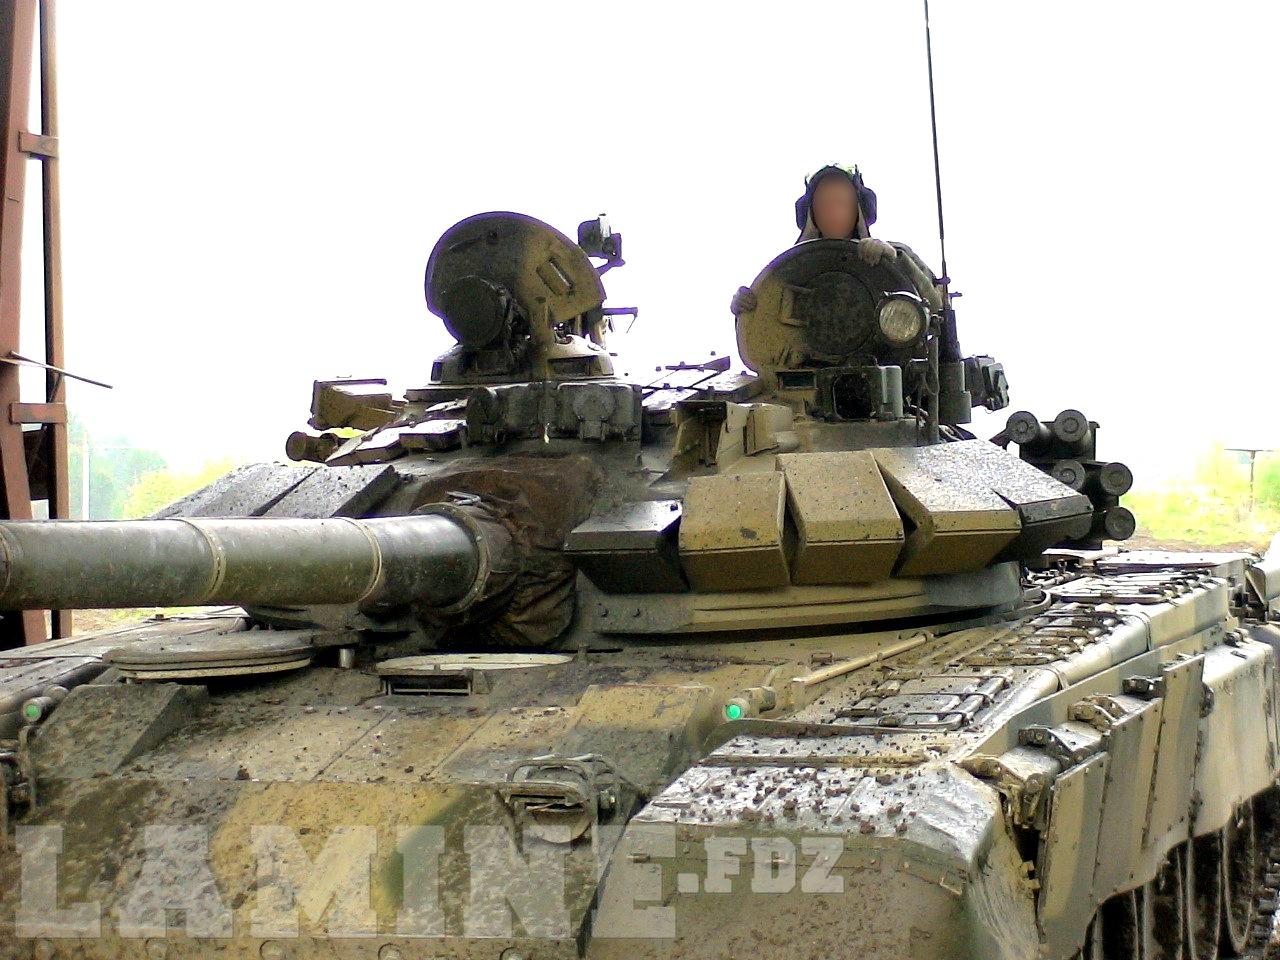 صور دبابات قتال رئيسية الجزائرية T-72M/M1/B/BK/AG/S ] Main Battle Tank Algerian ]   - صفحة 2 336750scoooop